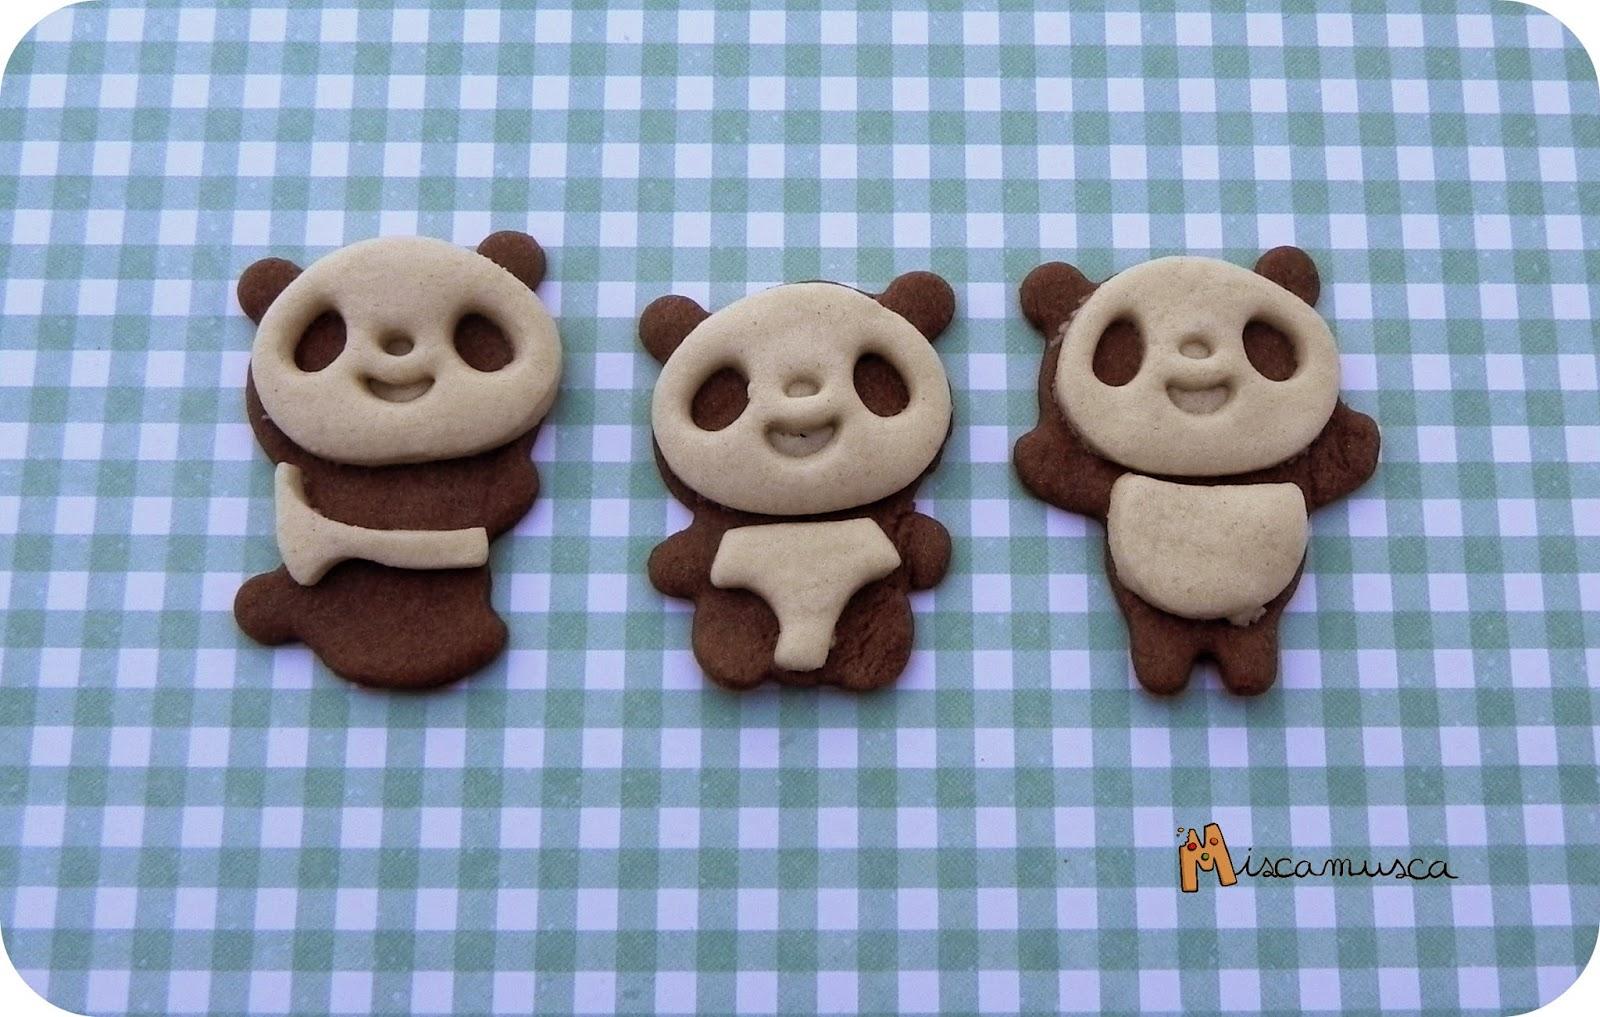 Galletas oso panda